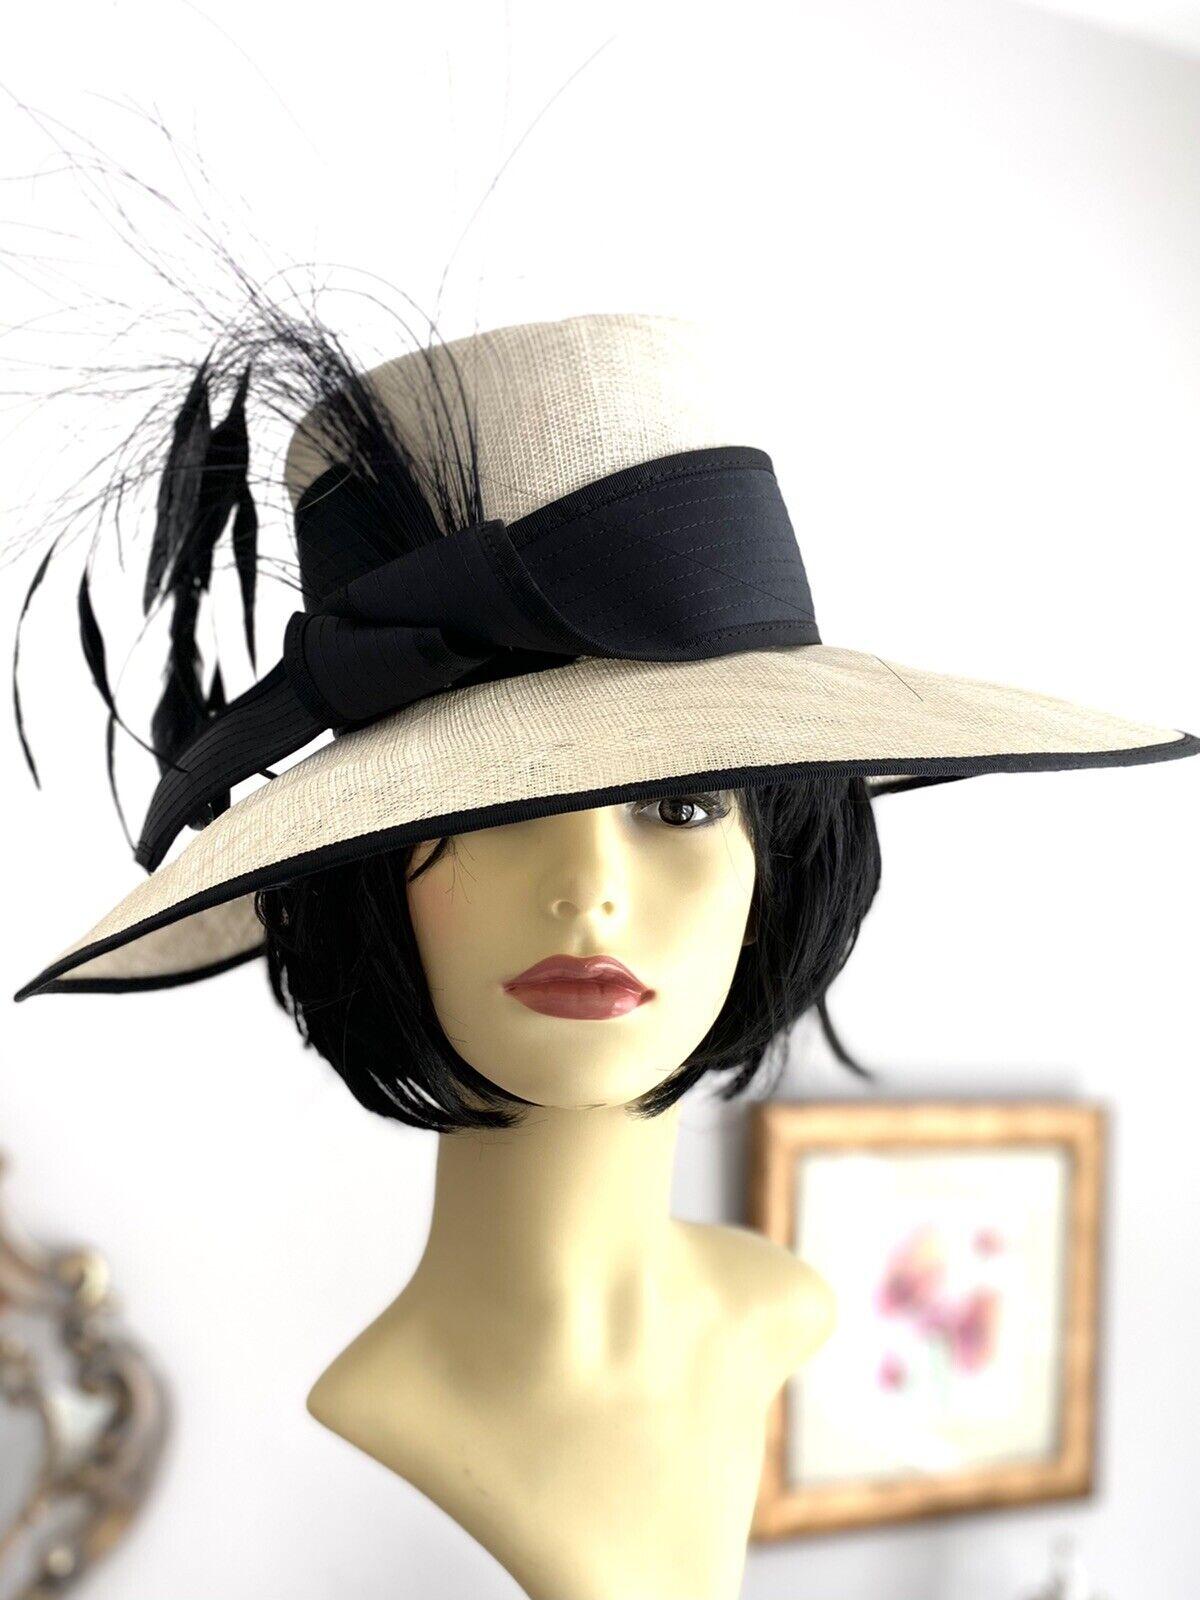 STYLISH IVORY BLACK HAT WEDDING WHITE CONDICI